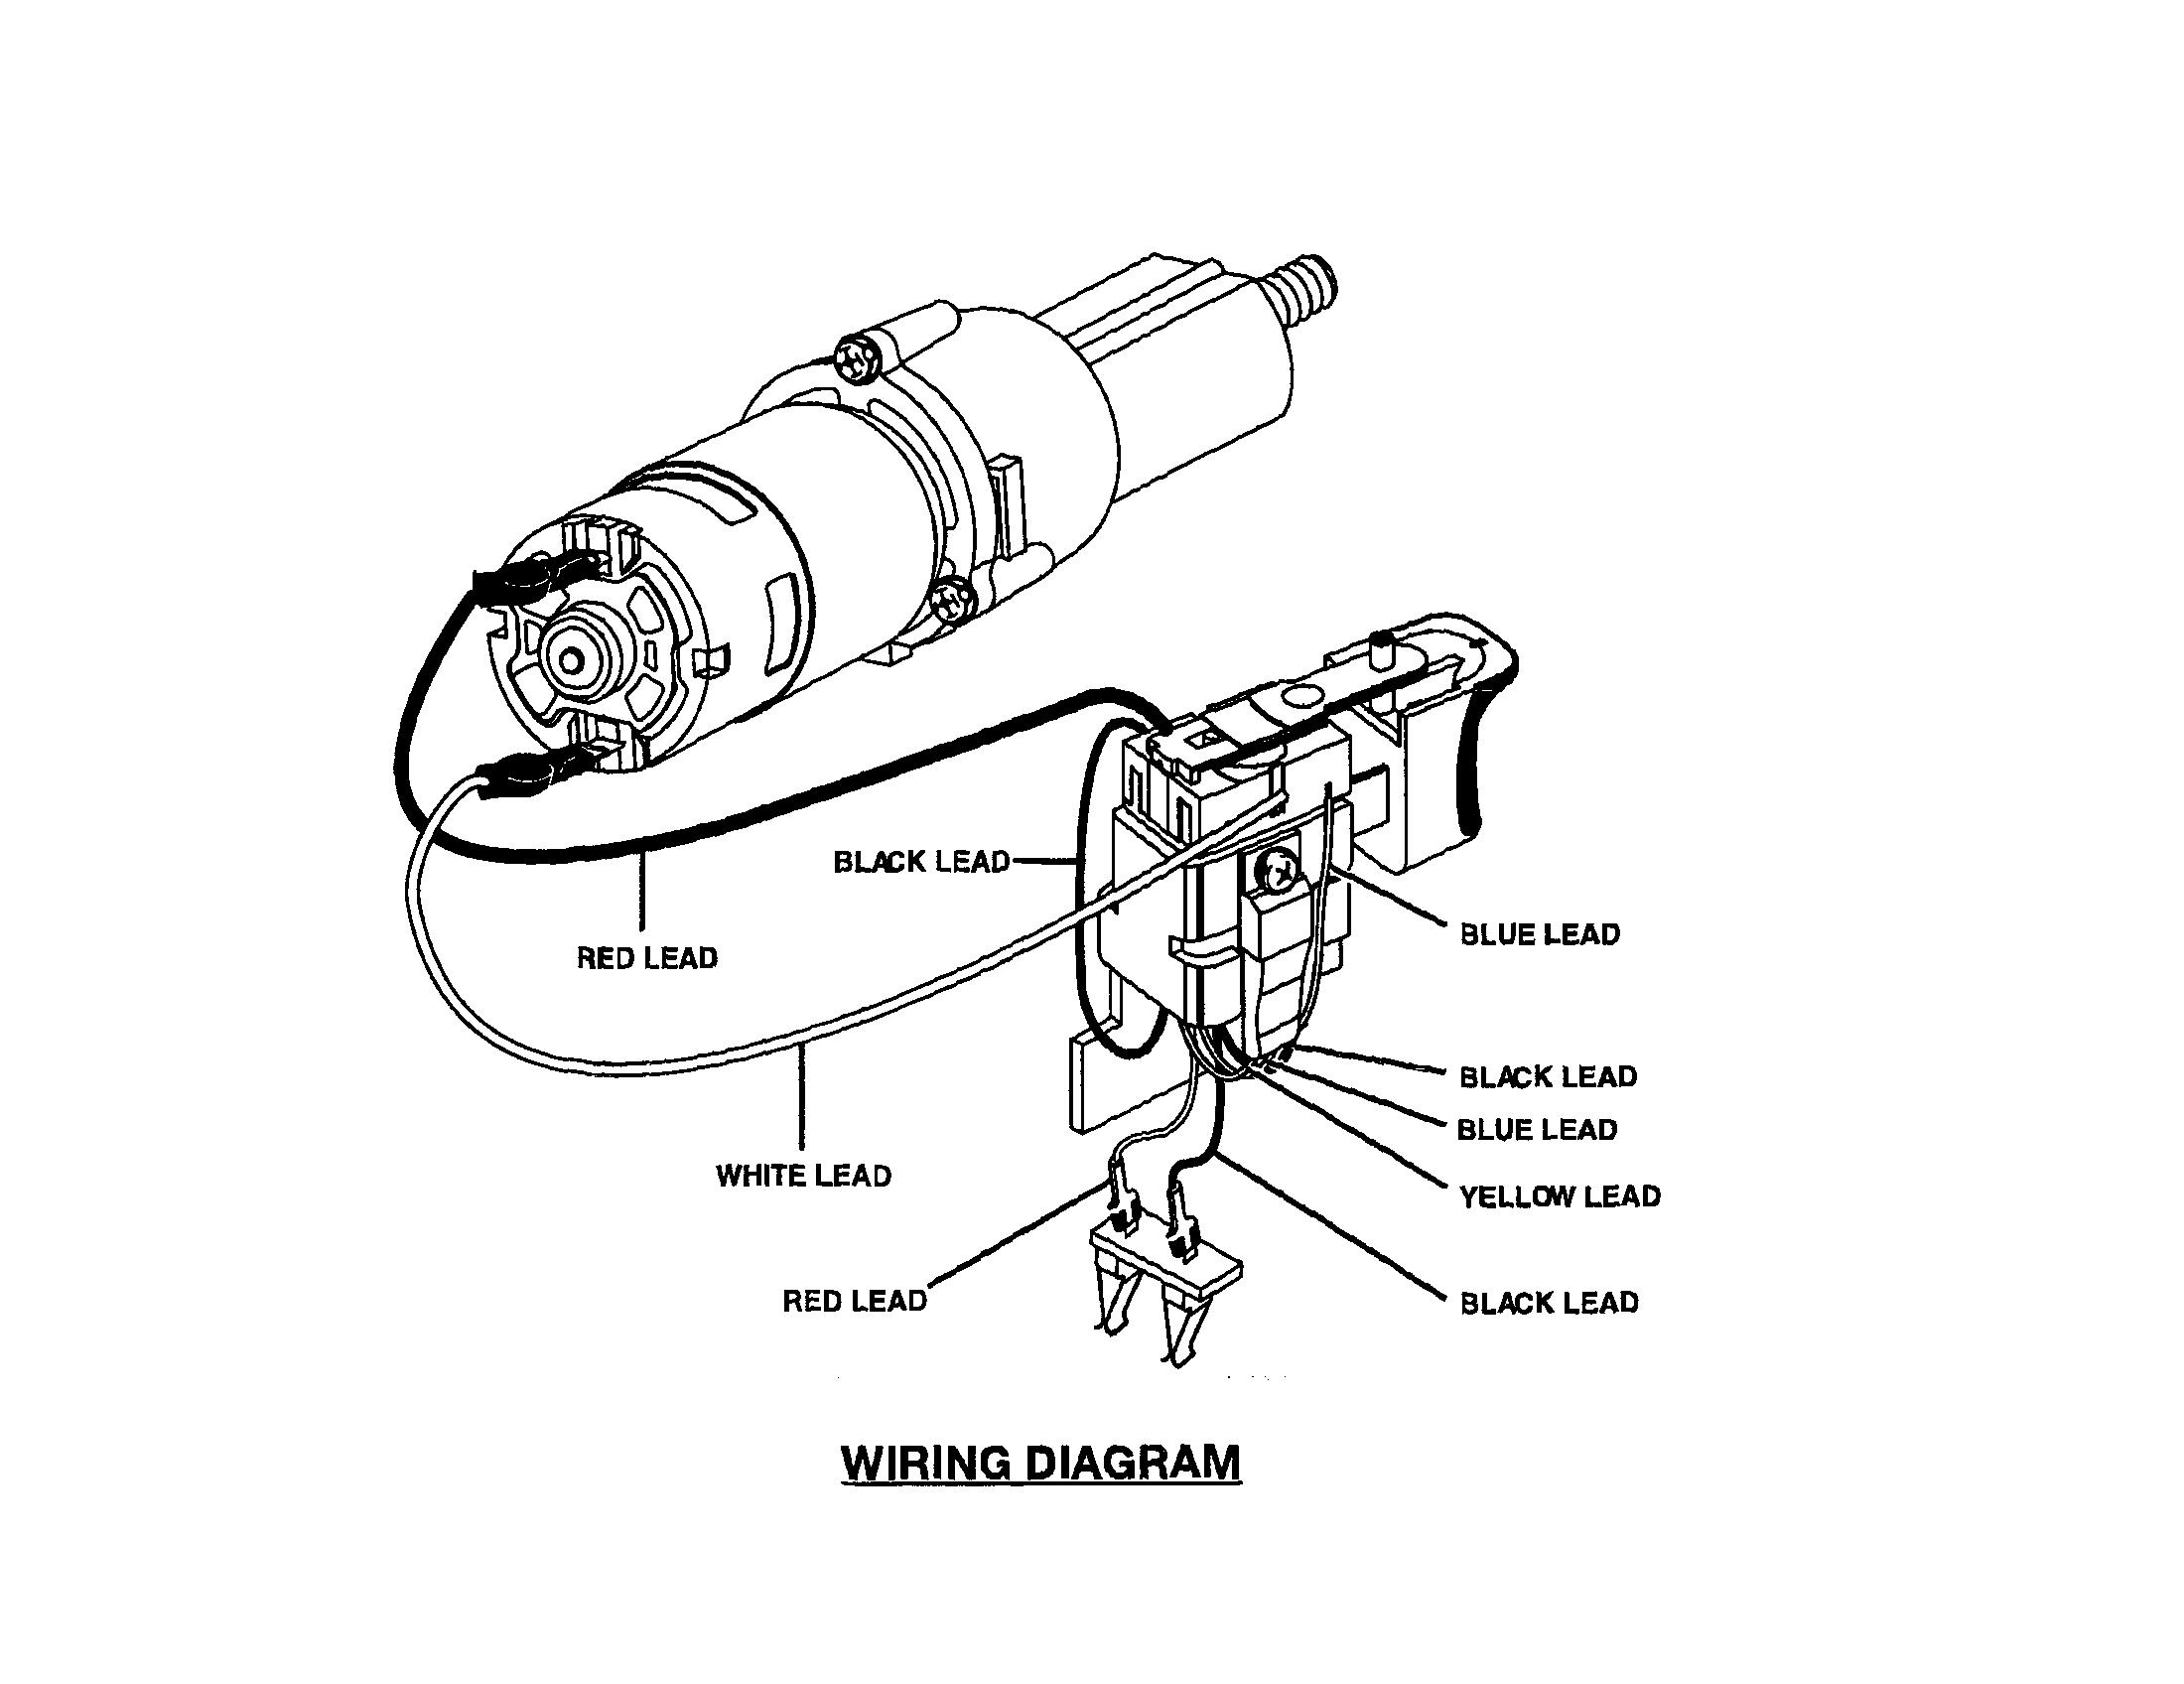 Ryobi model sa1802 drill driver genuine parts rh searspartsdirect